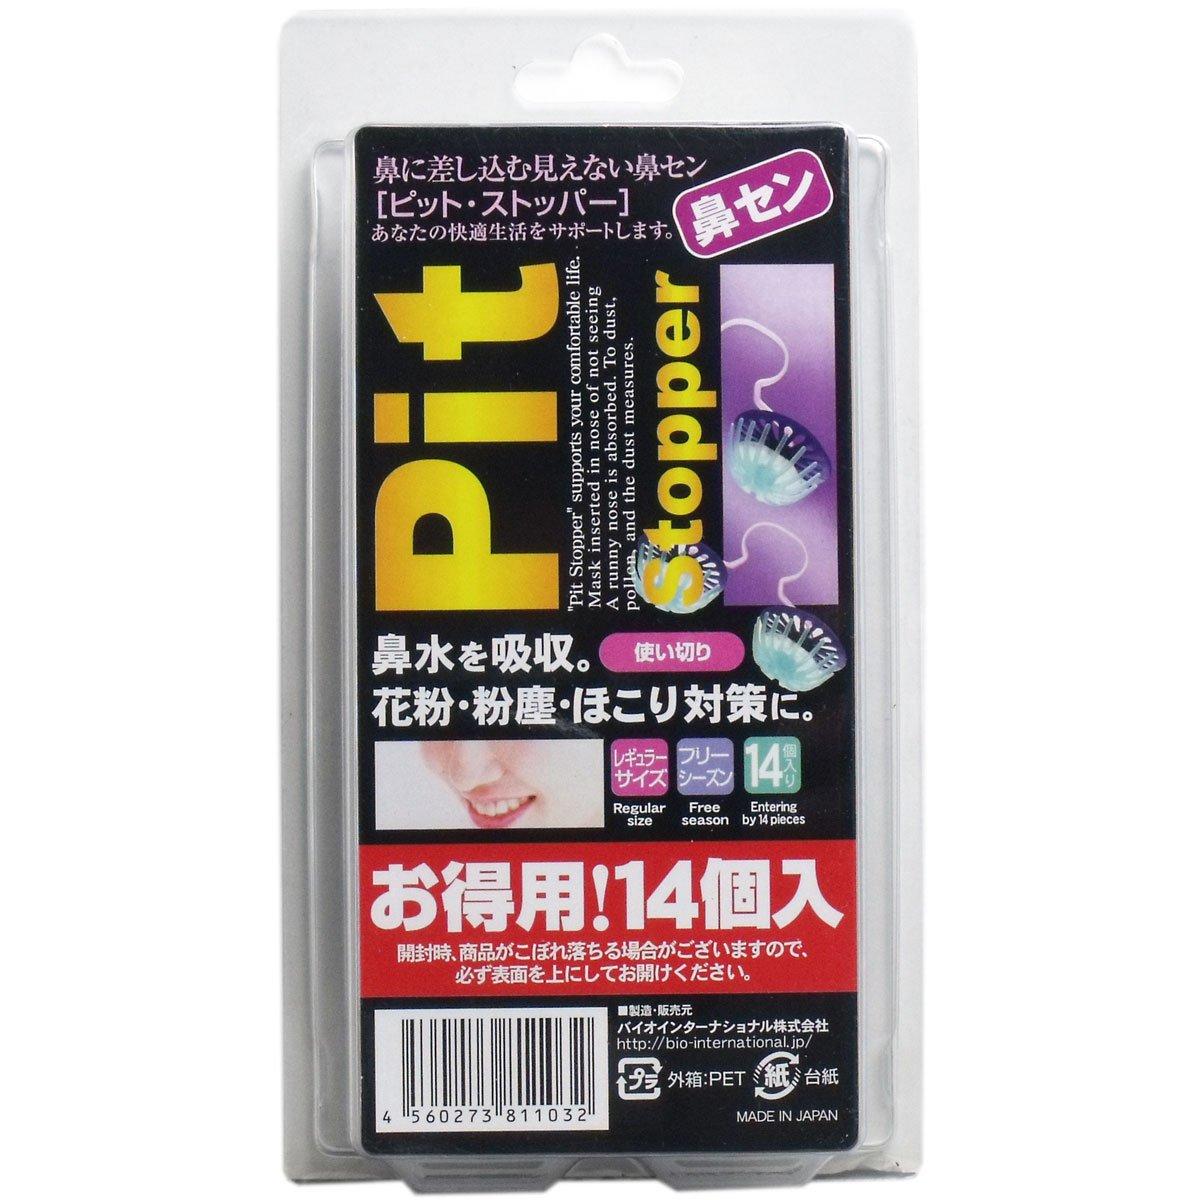 ピットストッパー(鼻セン) レギュラーサイズ 詰替用 14個入 ×6個セット B007M83EQA